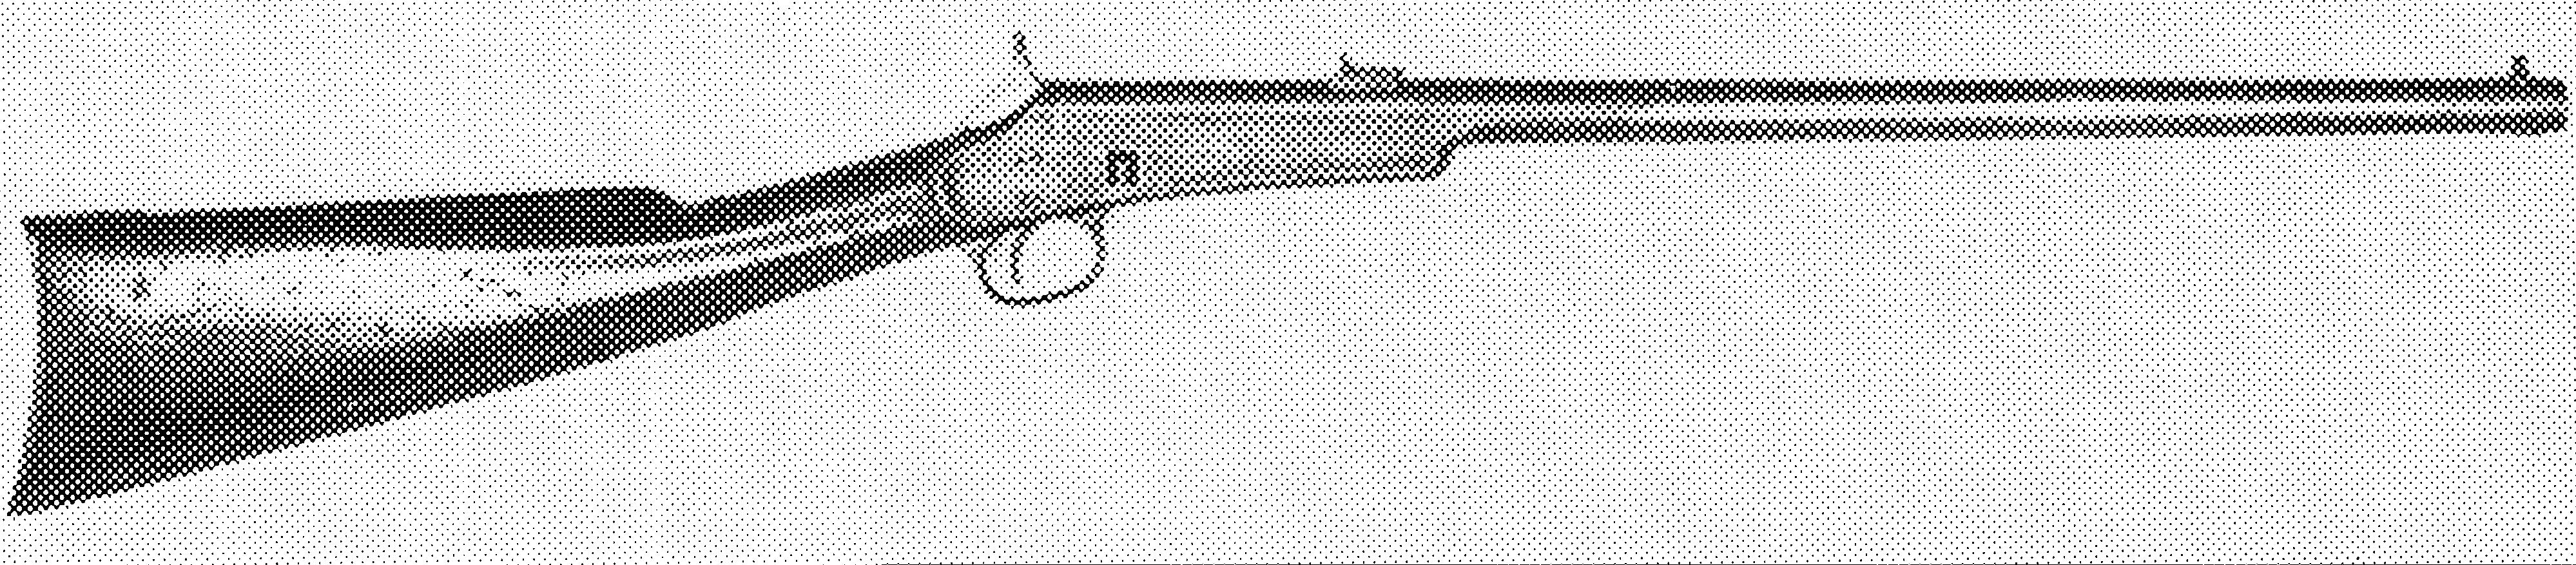 Lee Single-Shot Carbine